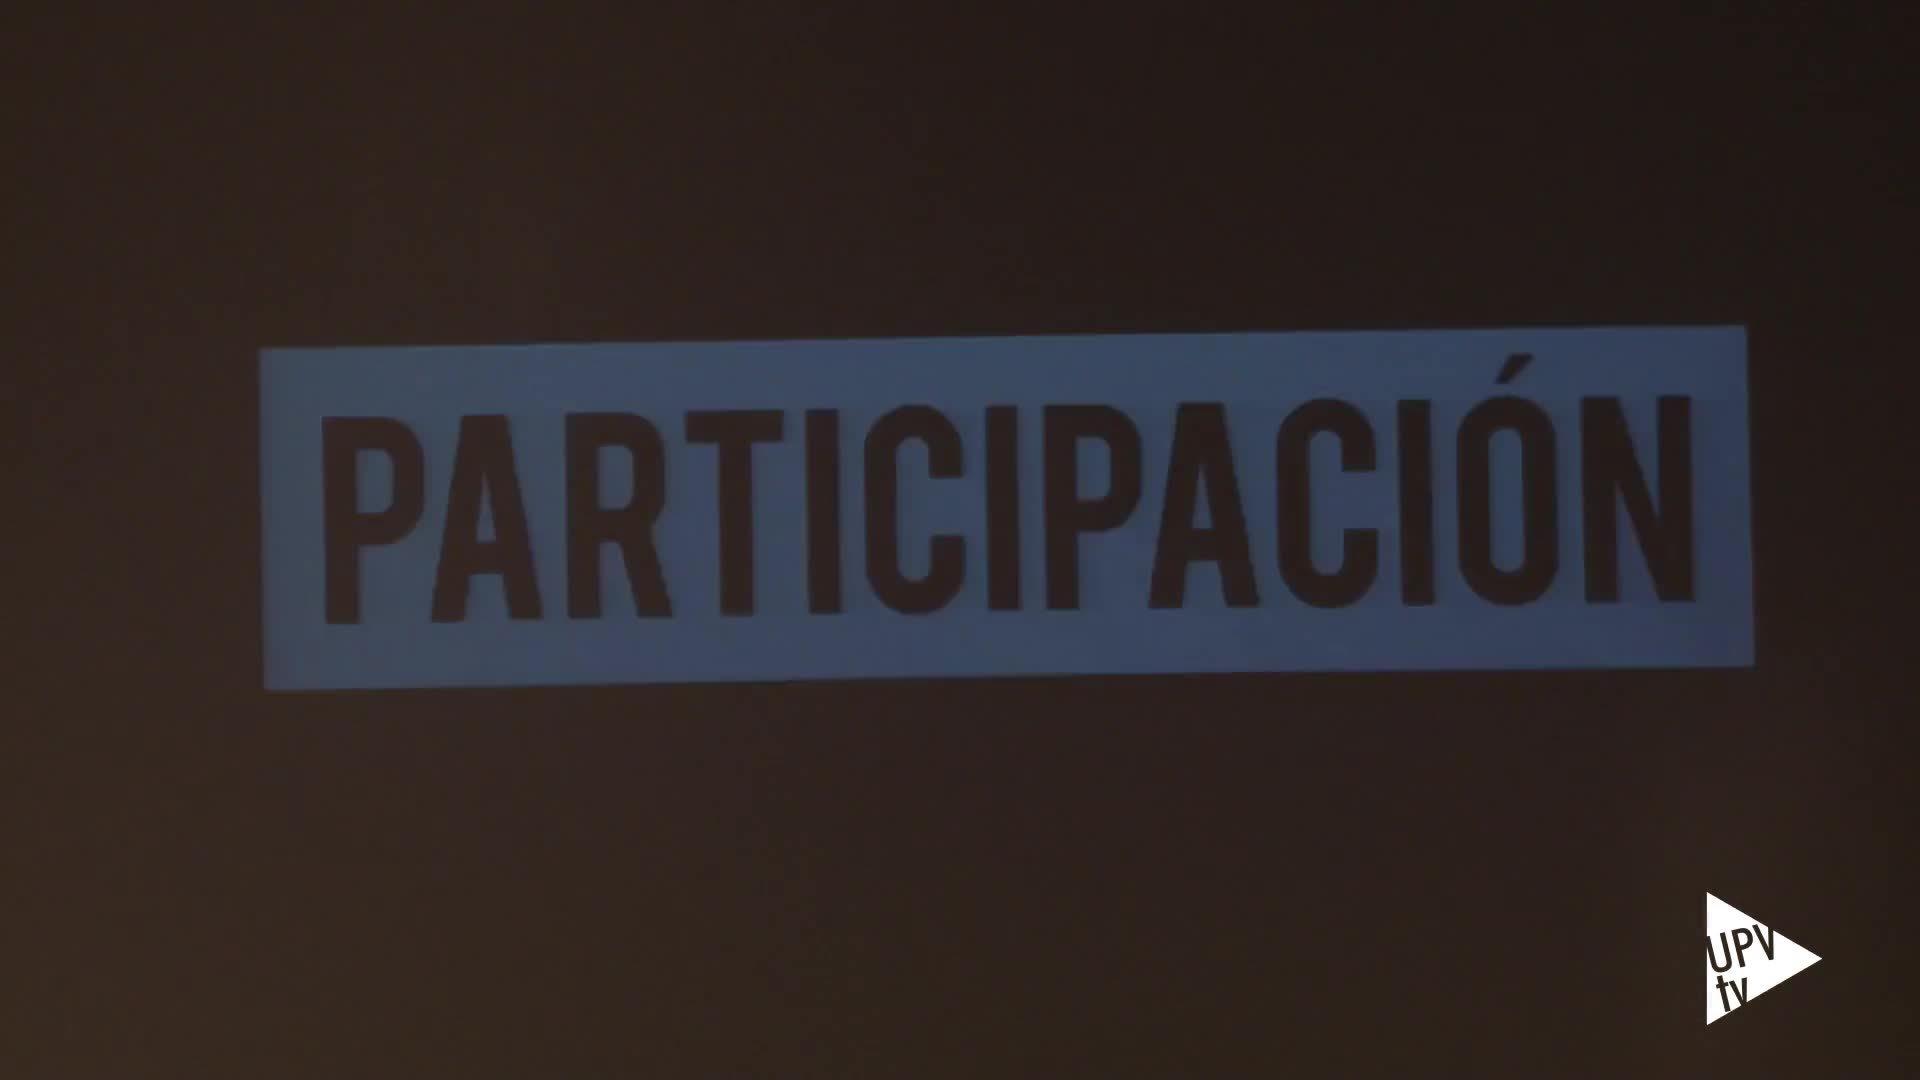 21-09-2015 Participación para cambiar el mundo